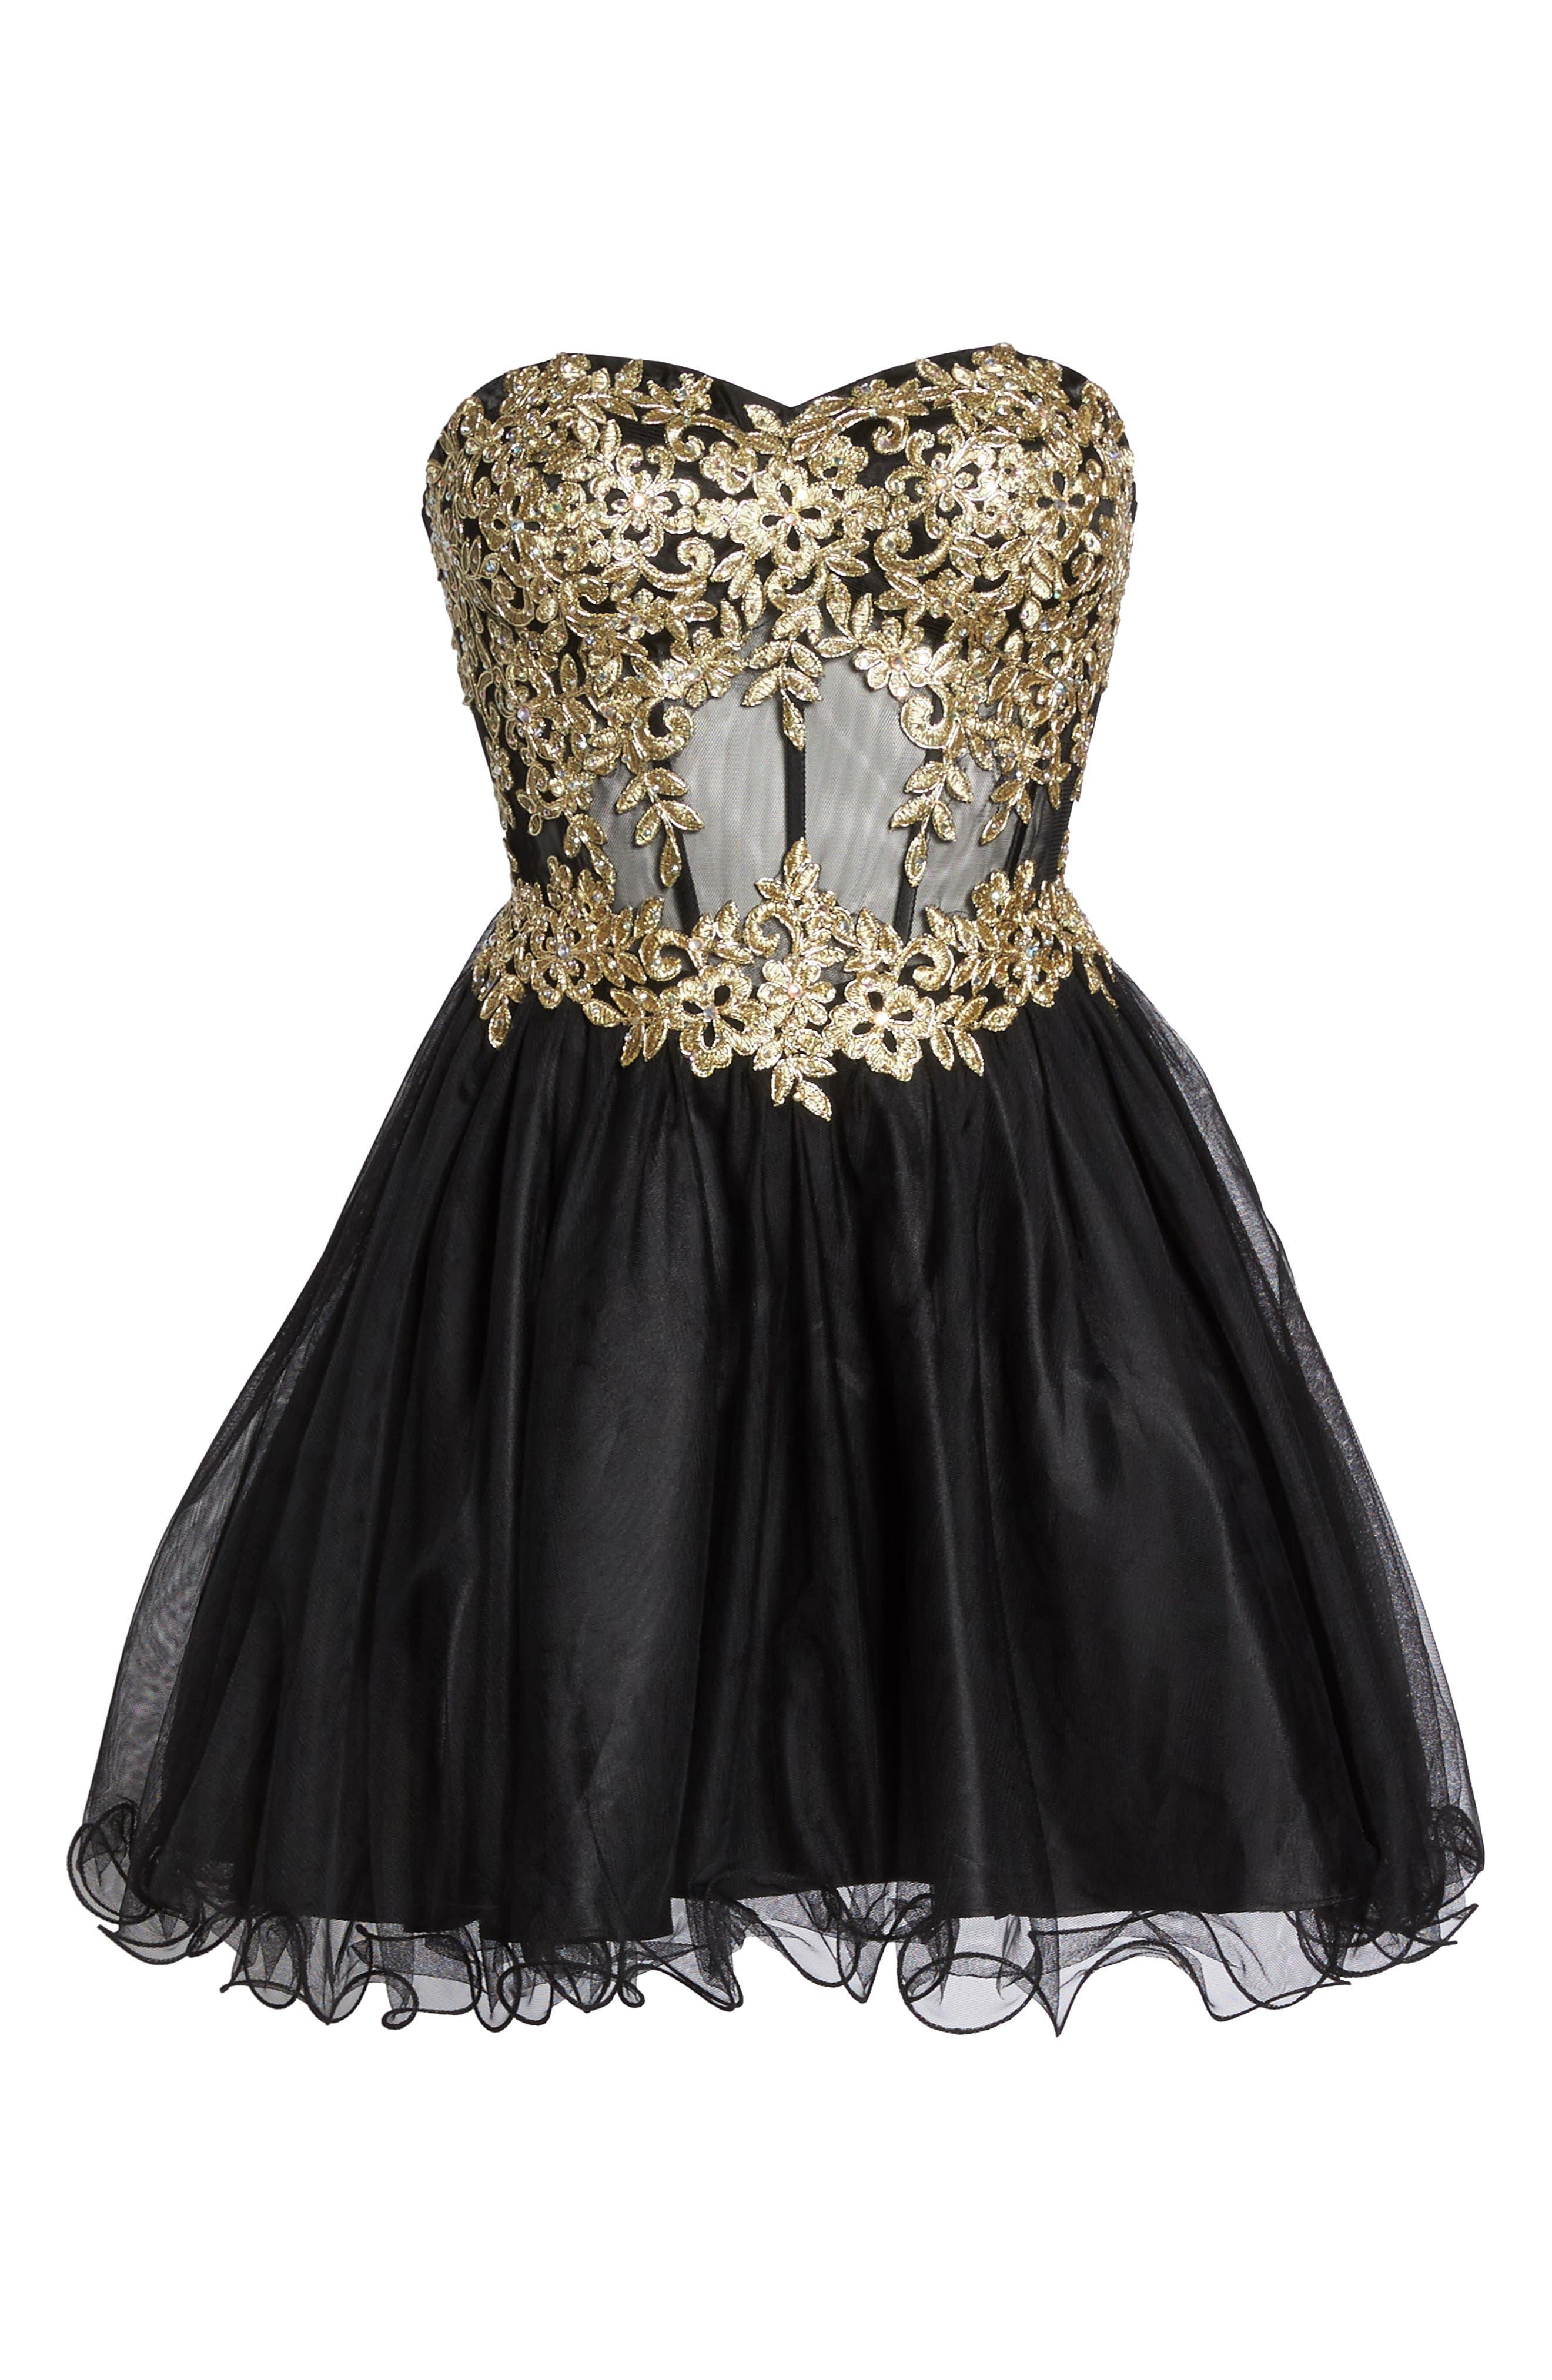 Appliqué Strapless Fit & Flare Dress,                             Alternate thumbnail 6, color,                             Black/ Gold